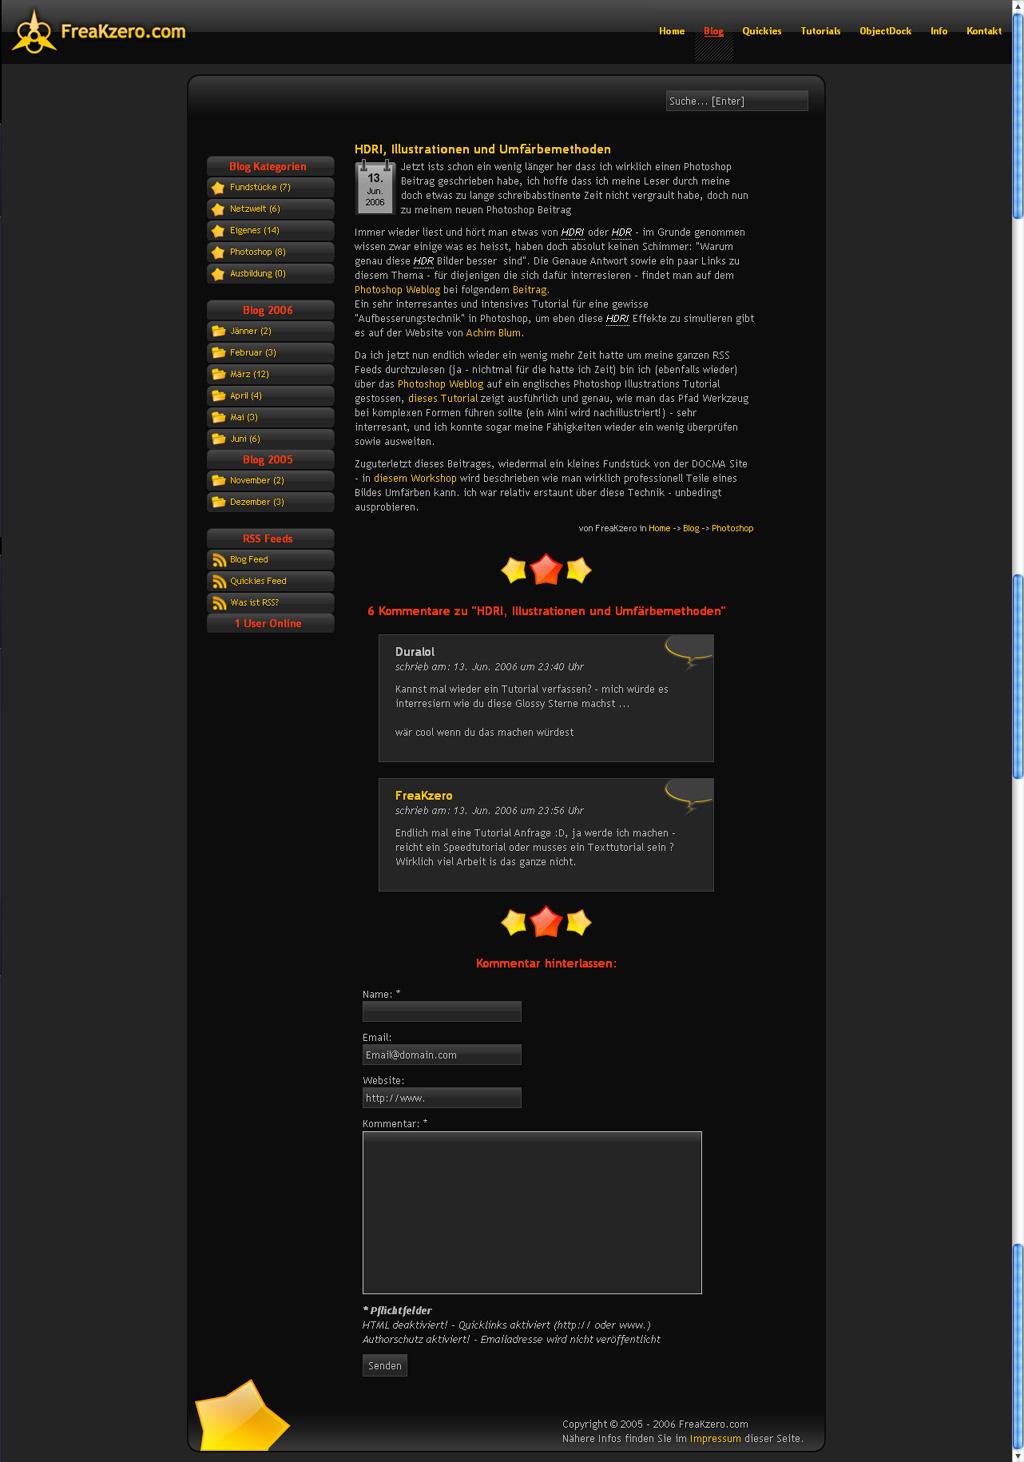 New Blog Design by FreaK0